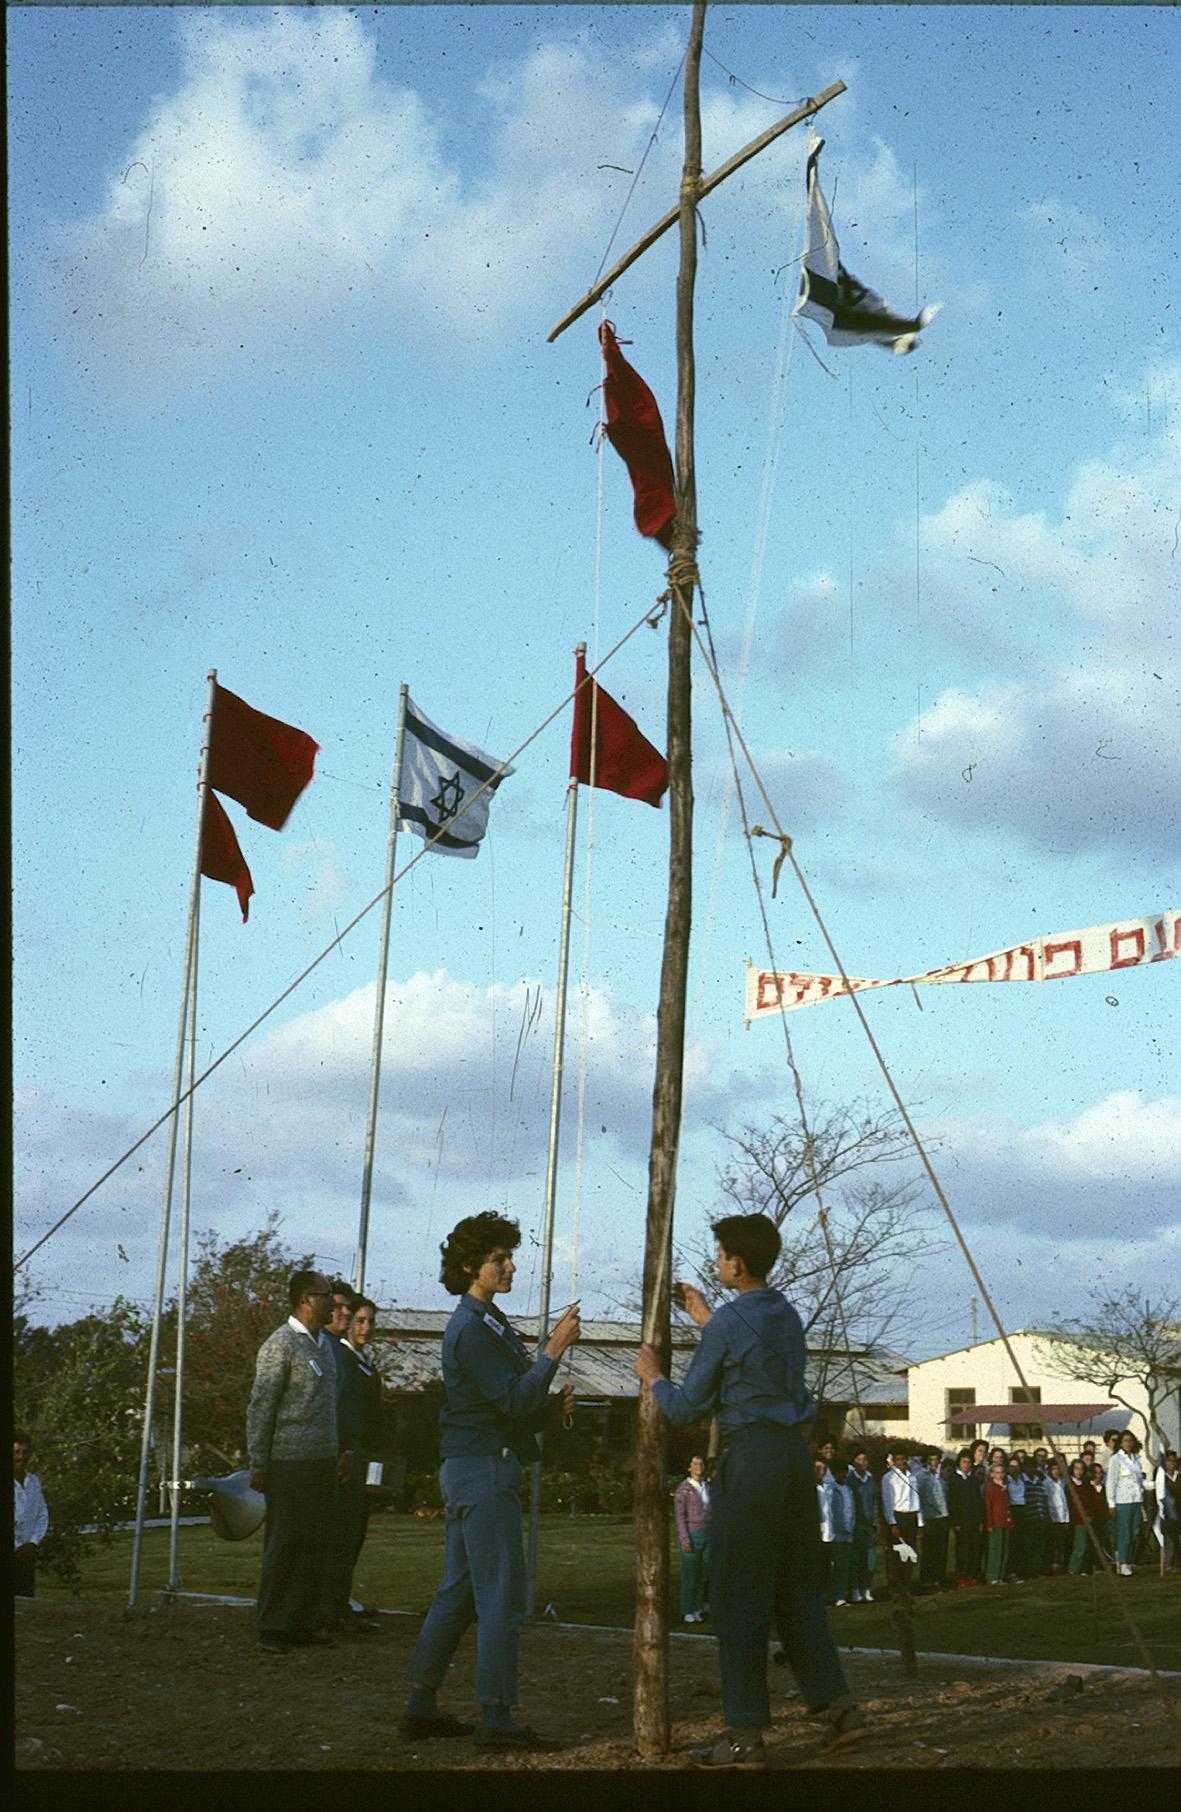 אחד במאי . דגלים 1964, השאר 1981